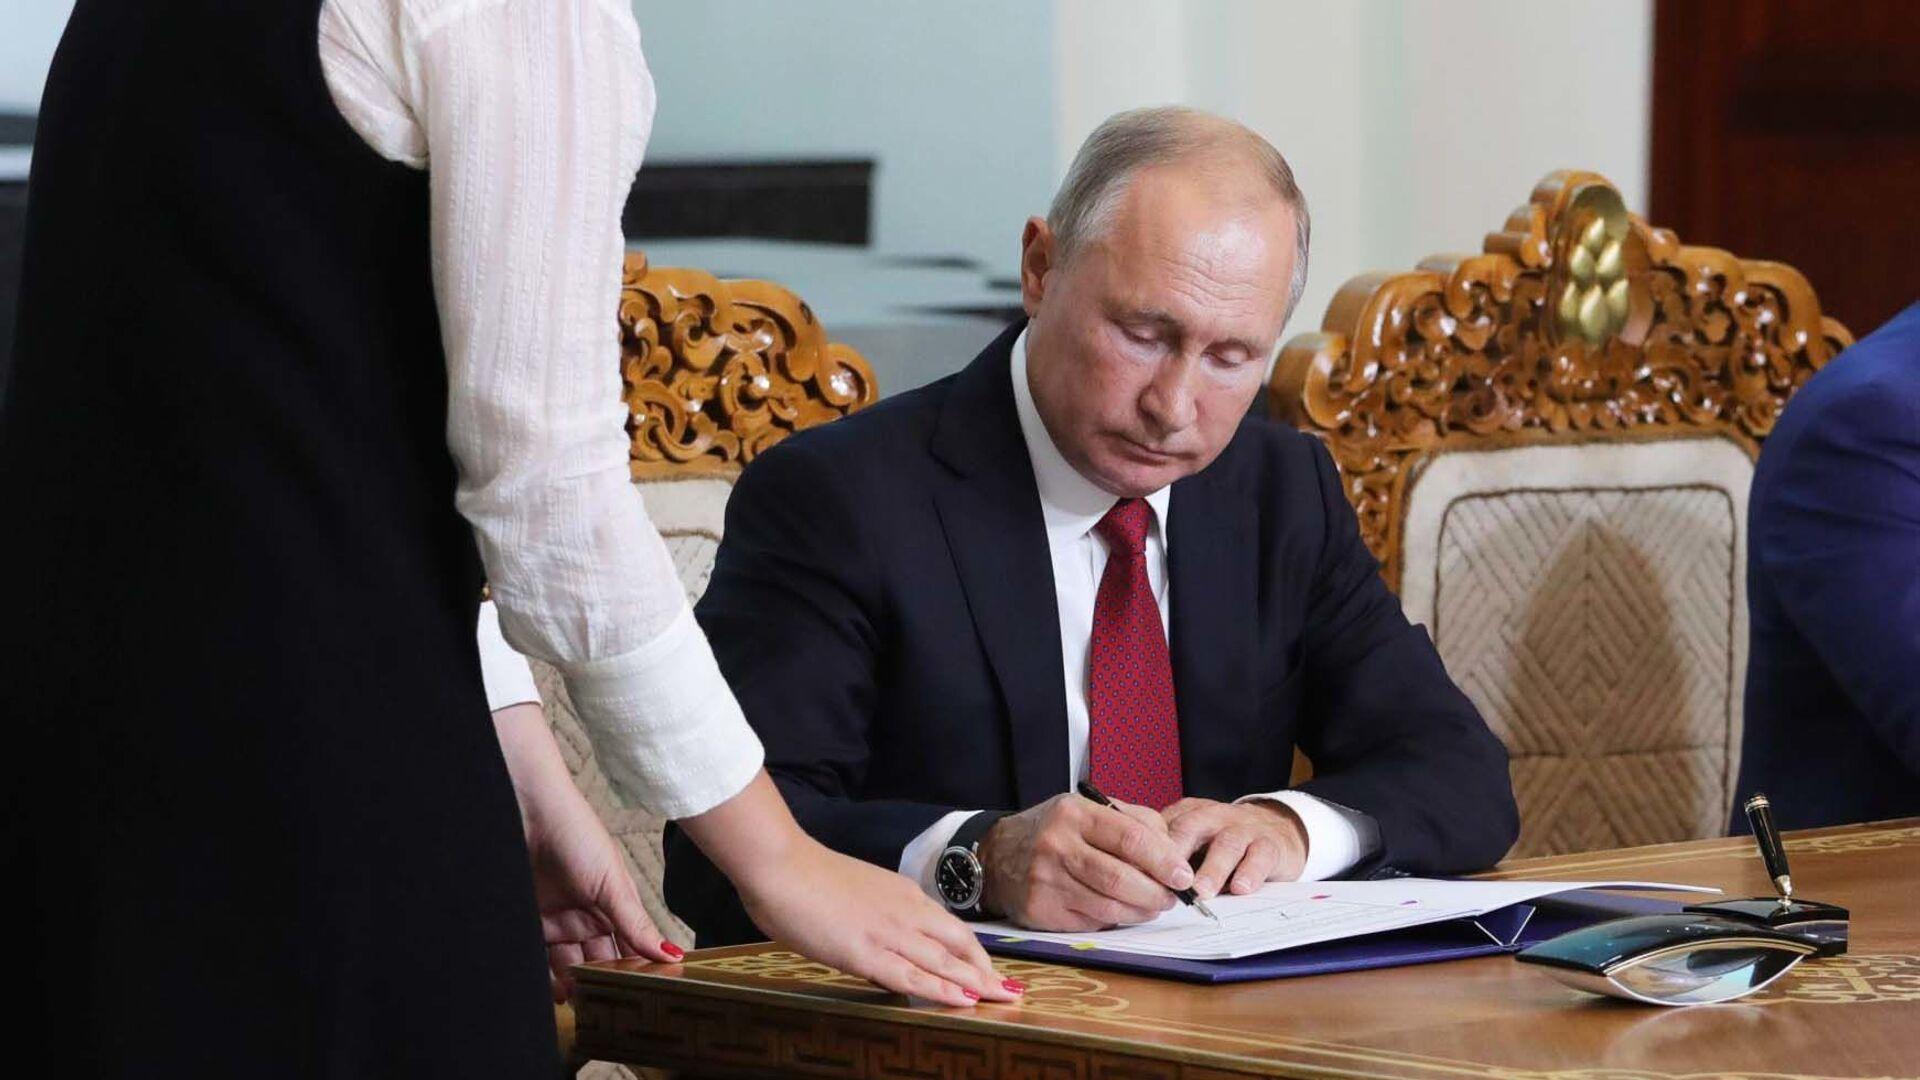 Президент РФ Владимир Путин подписывает документ, архивное фото - Sputnik Таджикистан, 1920, 01.07.2021